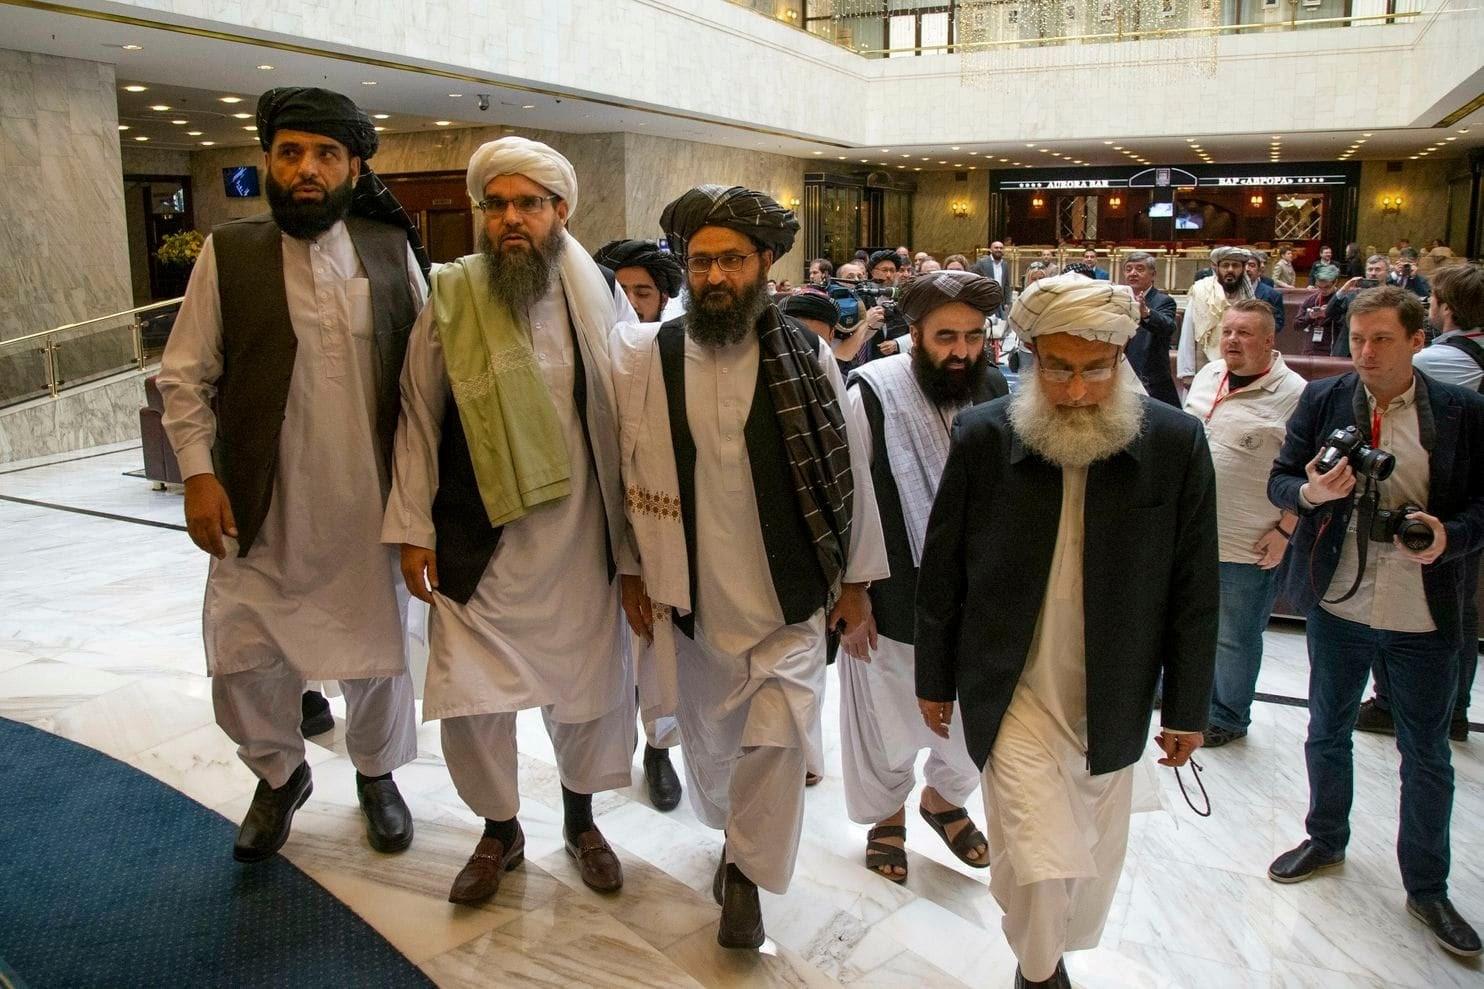 """ترامب في اتصالٍ مع كبير مفاوضي """"طالبان"""": انسحاب القوات الأجنبية من مصلحة الجميع"""